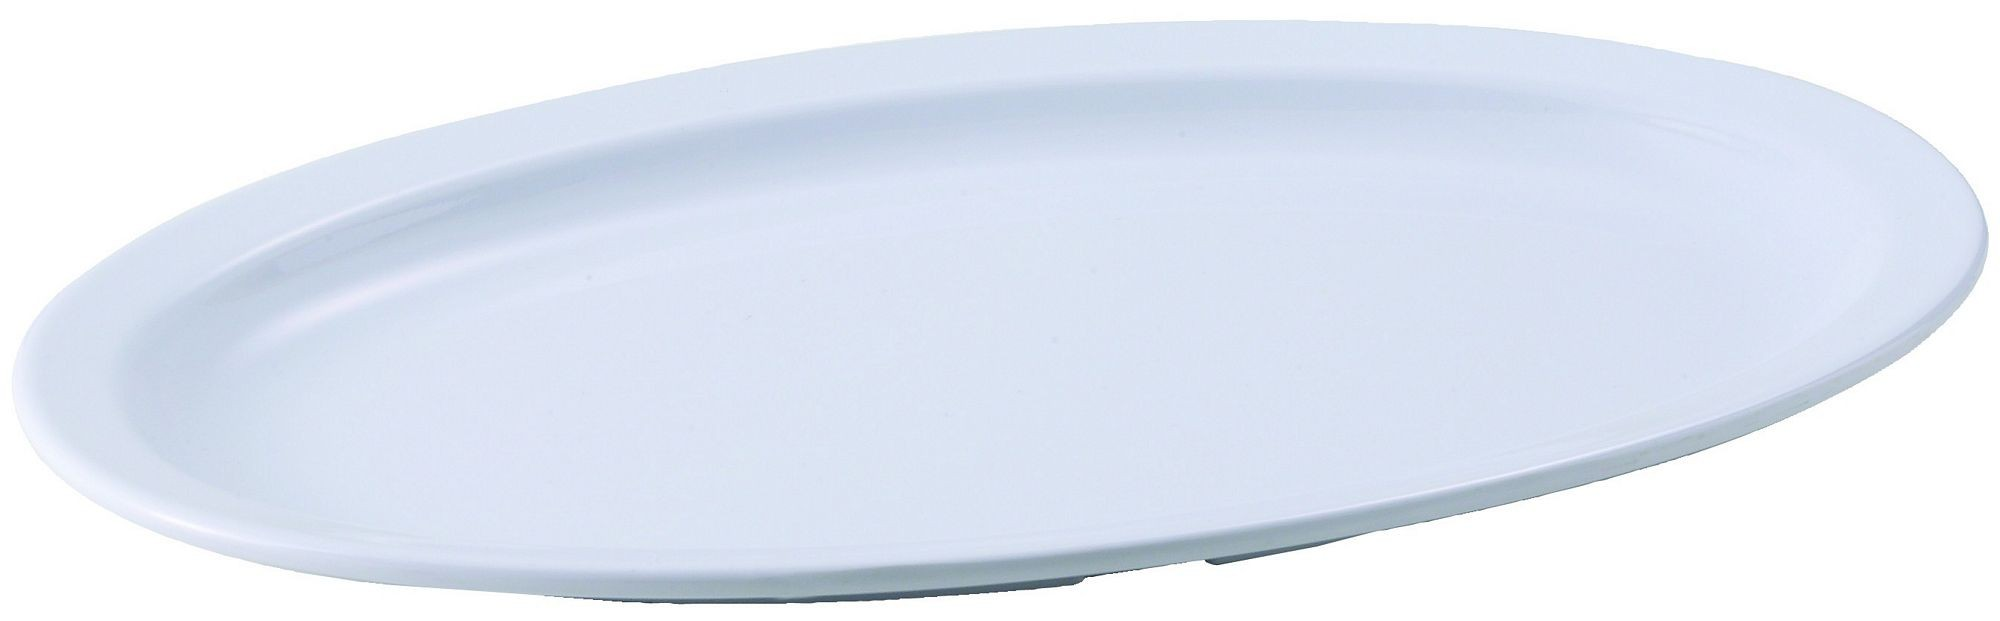 """Winco MMPO-138W White Melamine 13"""" x 8"""" Oval Platter with Narrow Rim"""